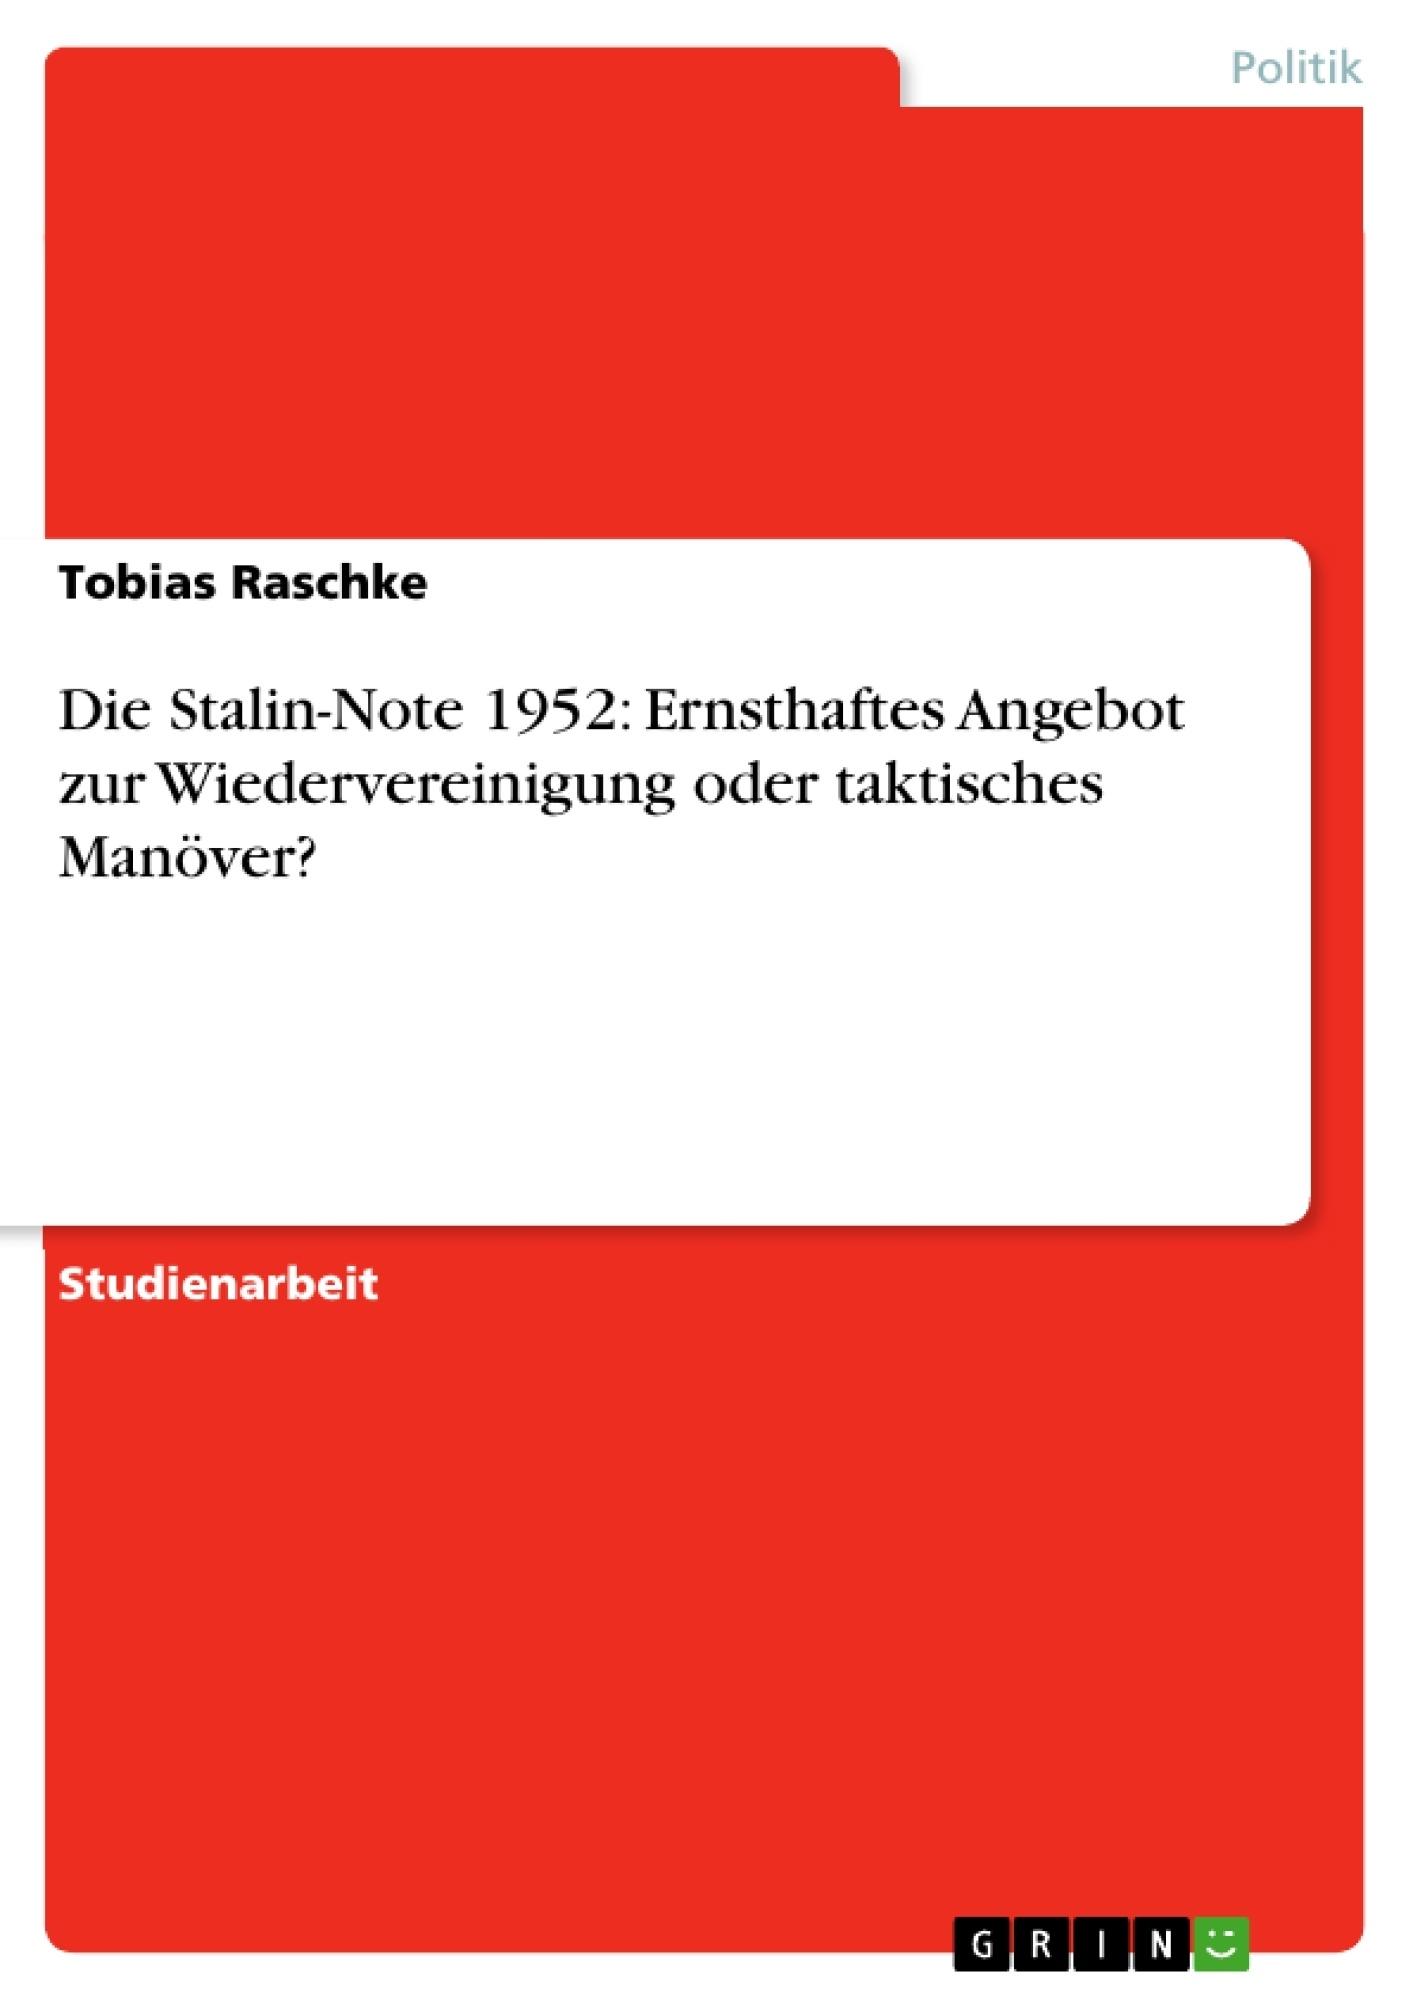 Titel: Die Stalin-Note 1952: Ernsthaftes Angebot zur Wiedervereinigung  oder taktisches Manöver?